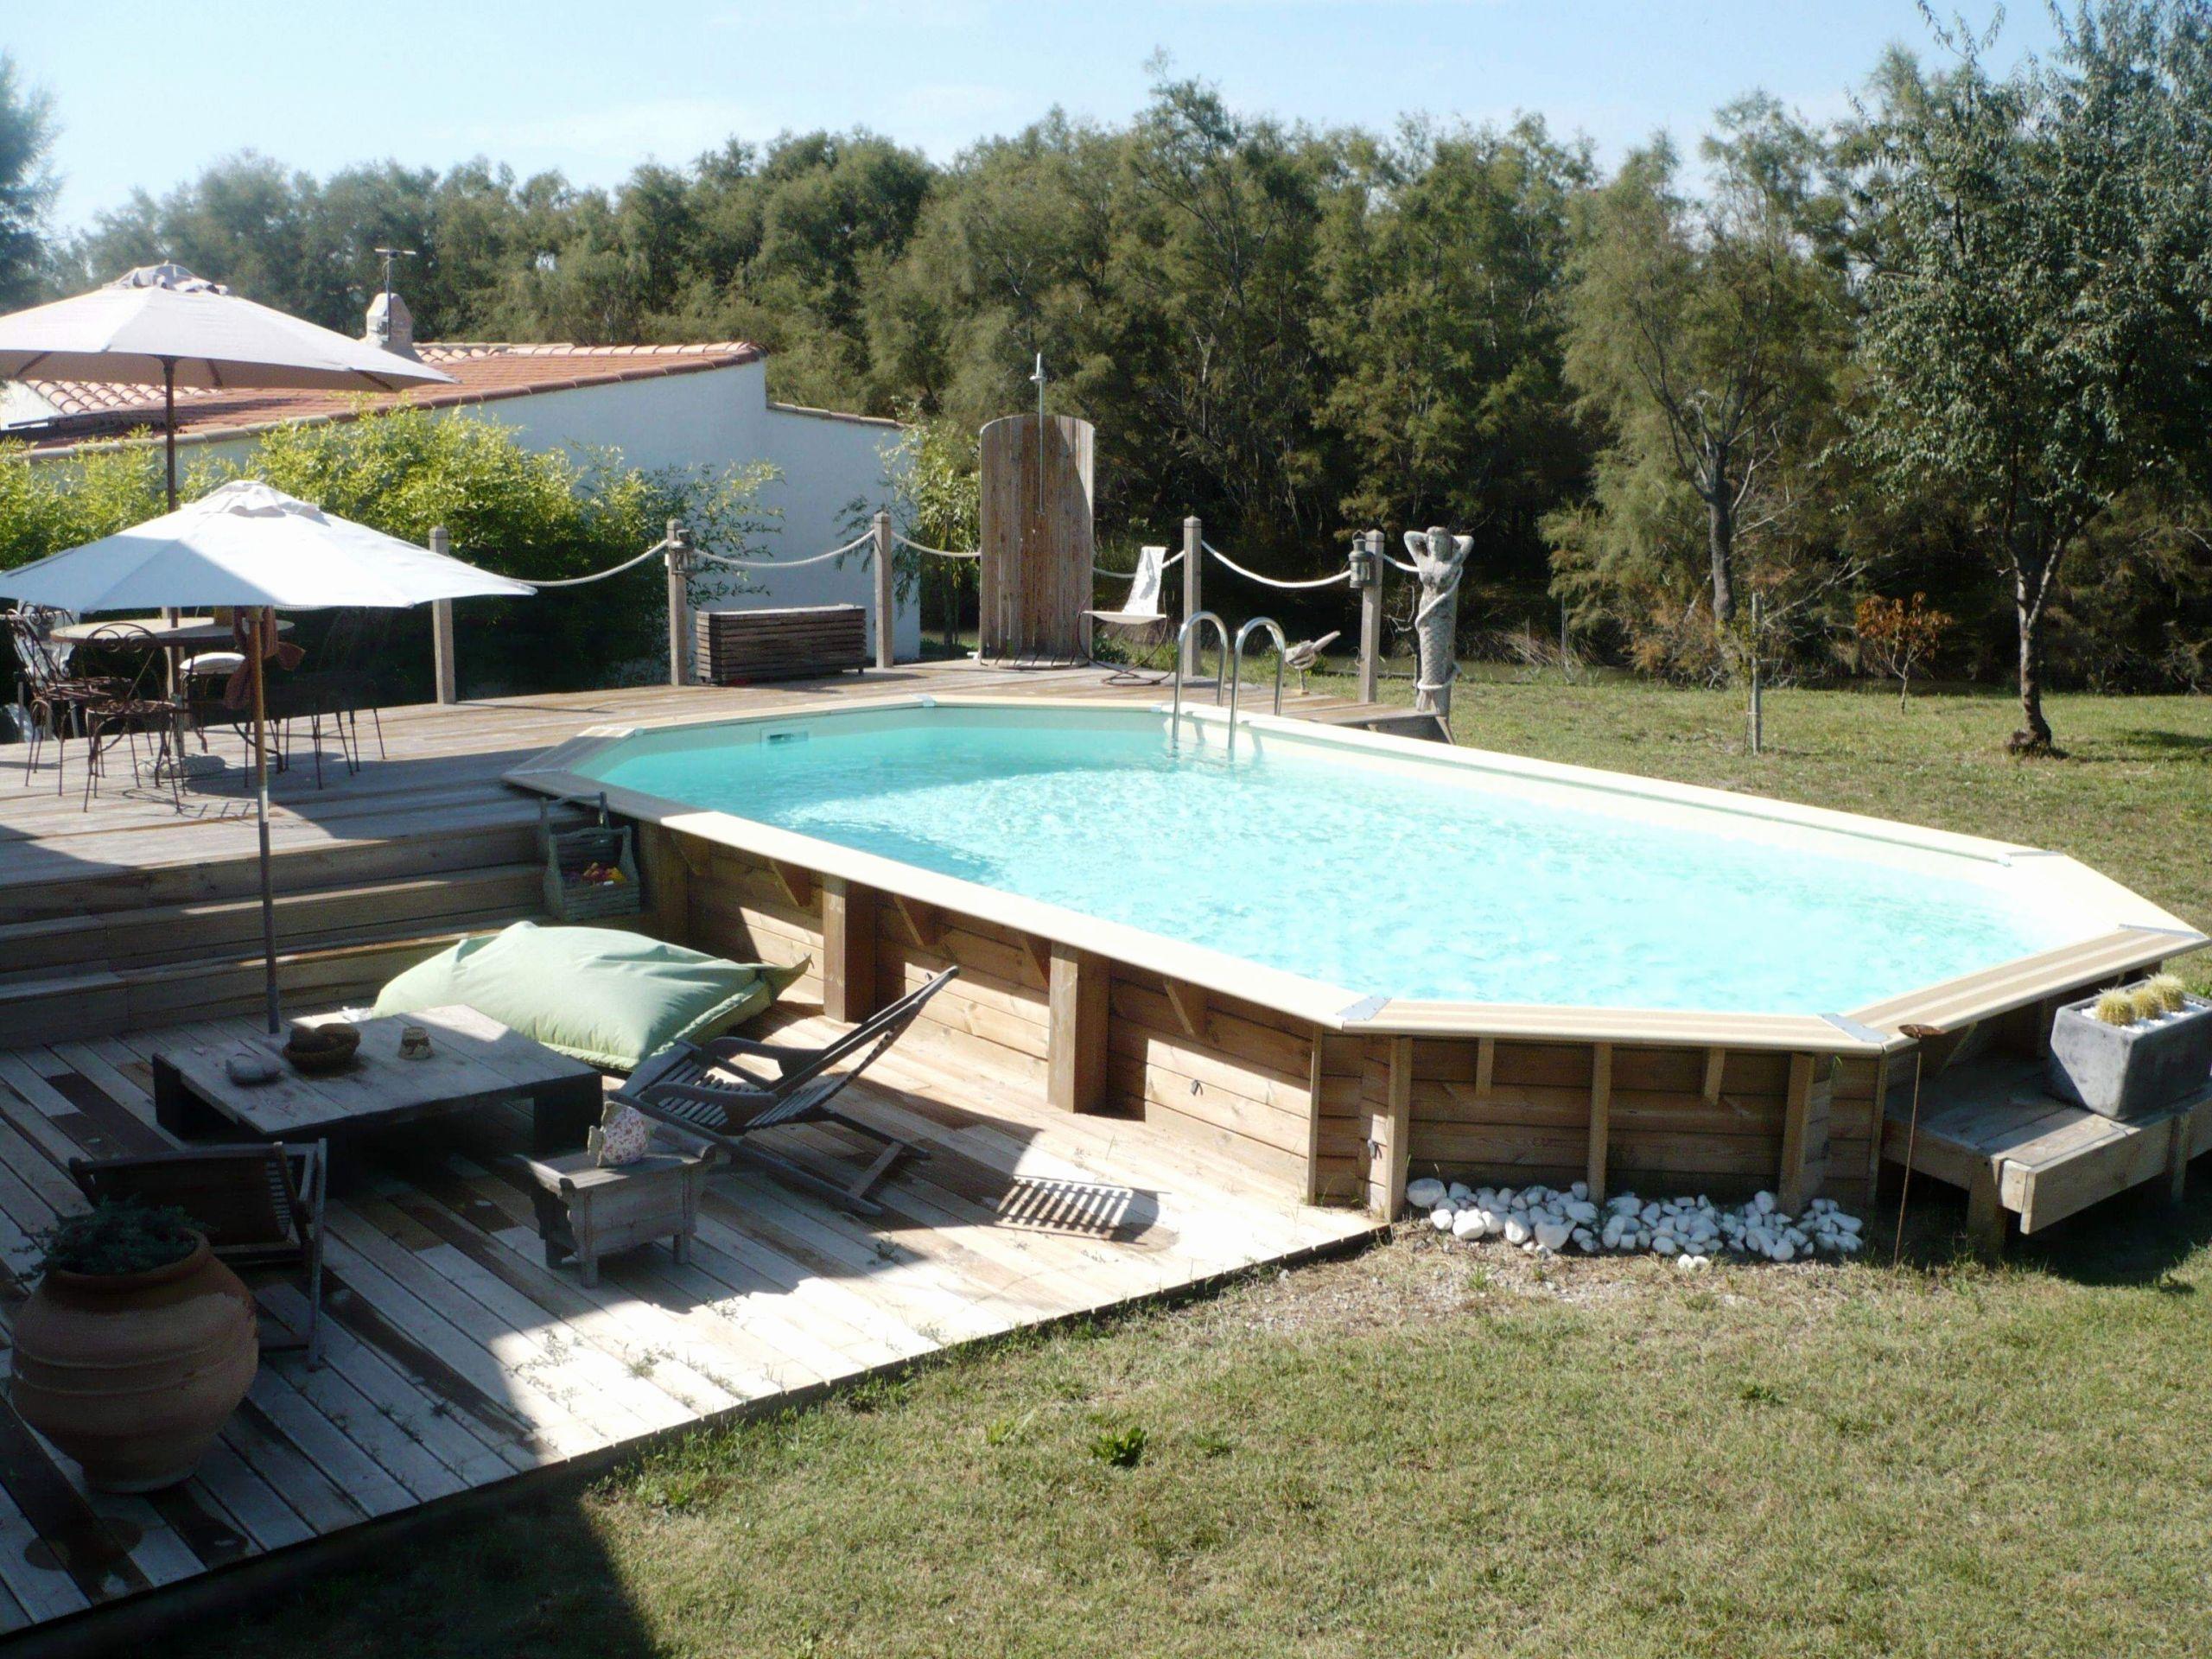 terrasse bois piscine hors sol unique piscine pierre elegant 51 piscine best amenagement piscine 0d of terrasse bois piscine hors sol